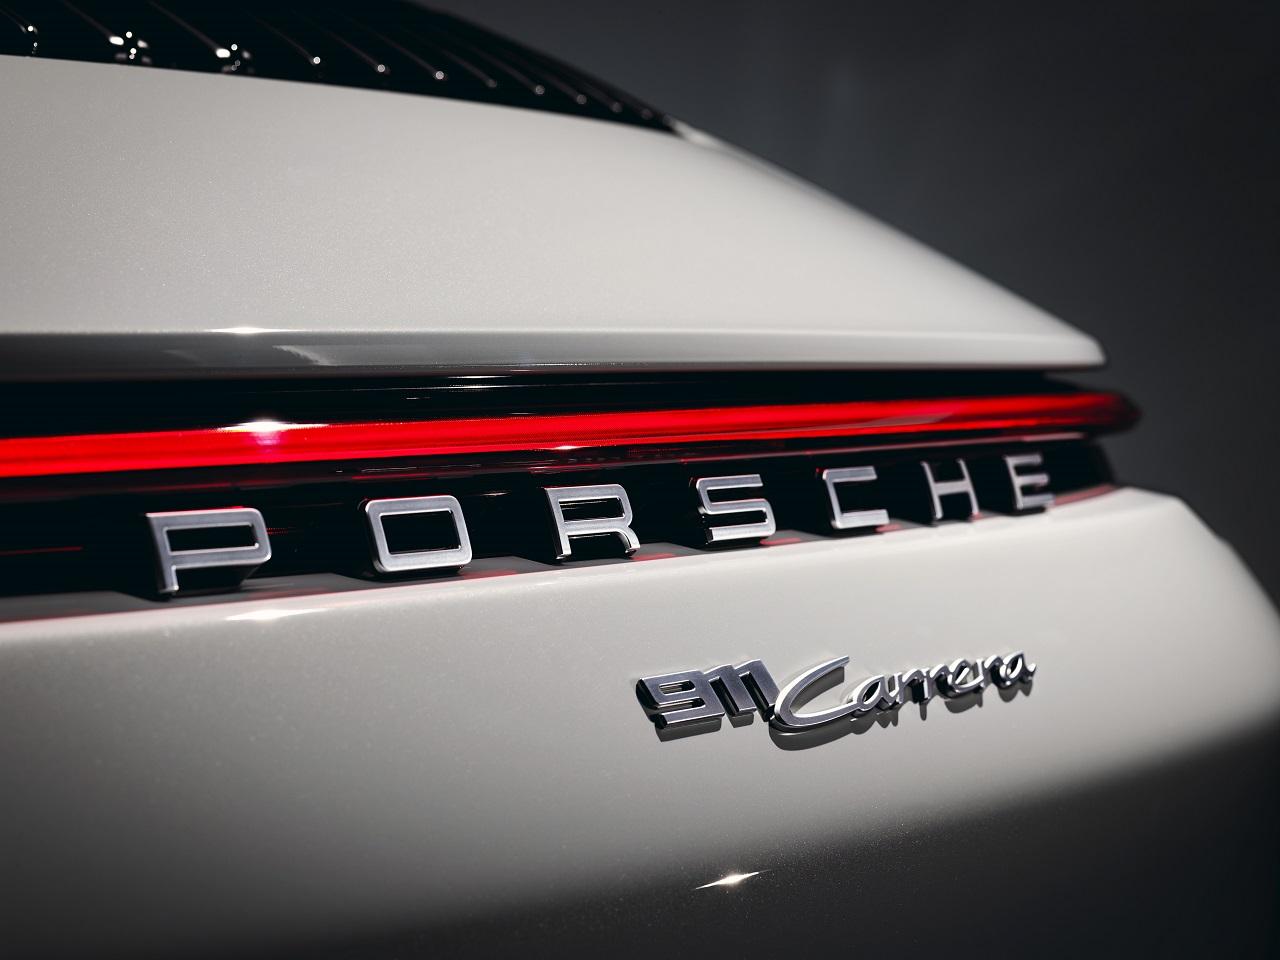 Porsche 911 da la bienvenida a sus nuevos modelos Carrera Coupé y Cabrio